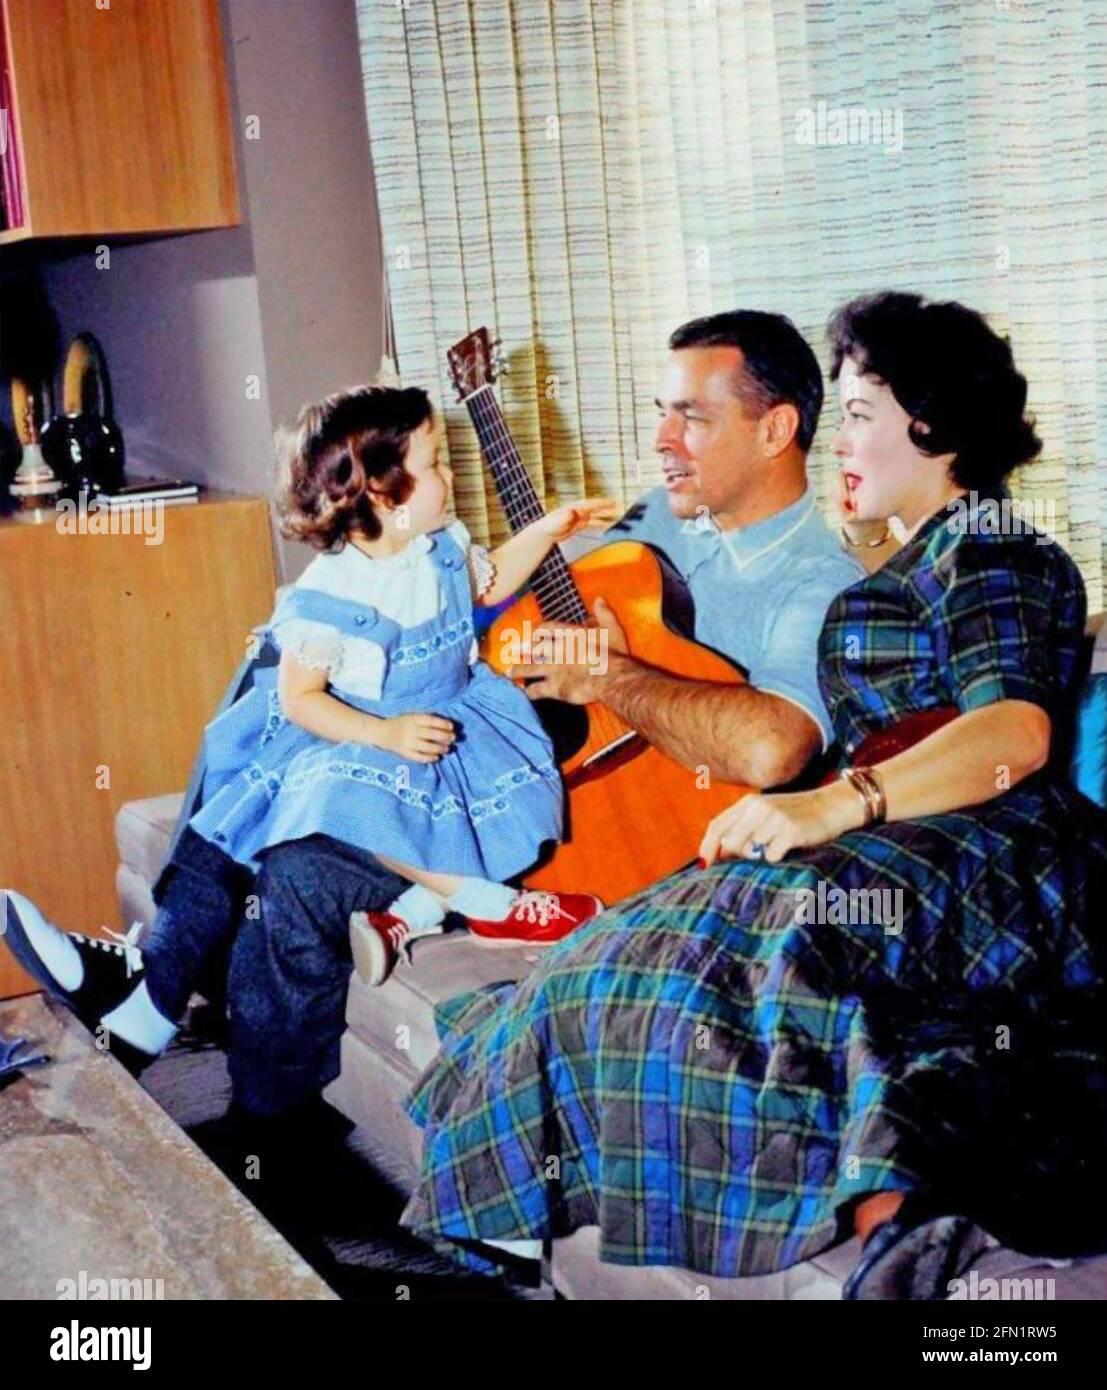 SHIRLEY TEMPLE (1928-2014) actriz cinematográfica estadounidense y posterior diplomática con Su segundo marido Charles Black y su hija Lori 1960 Foto de stock